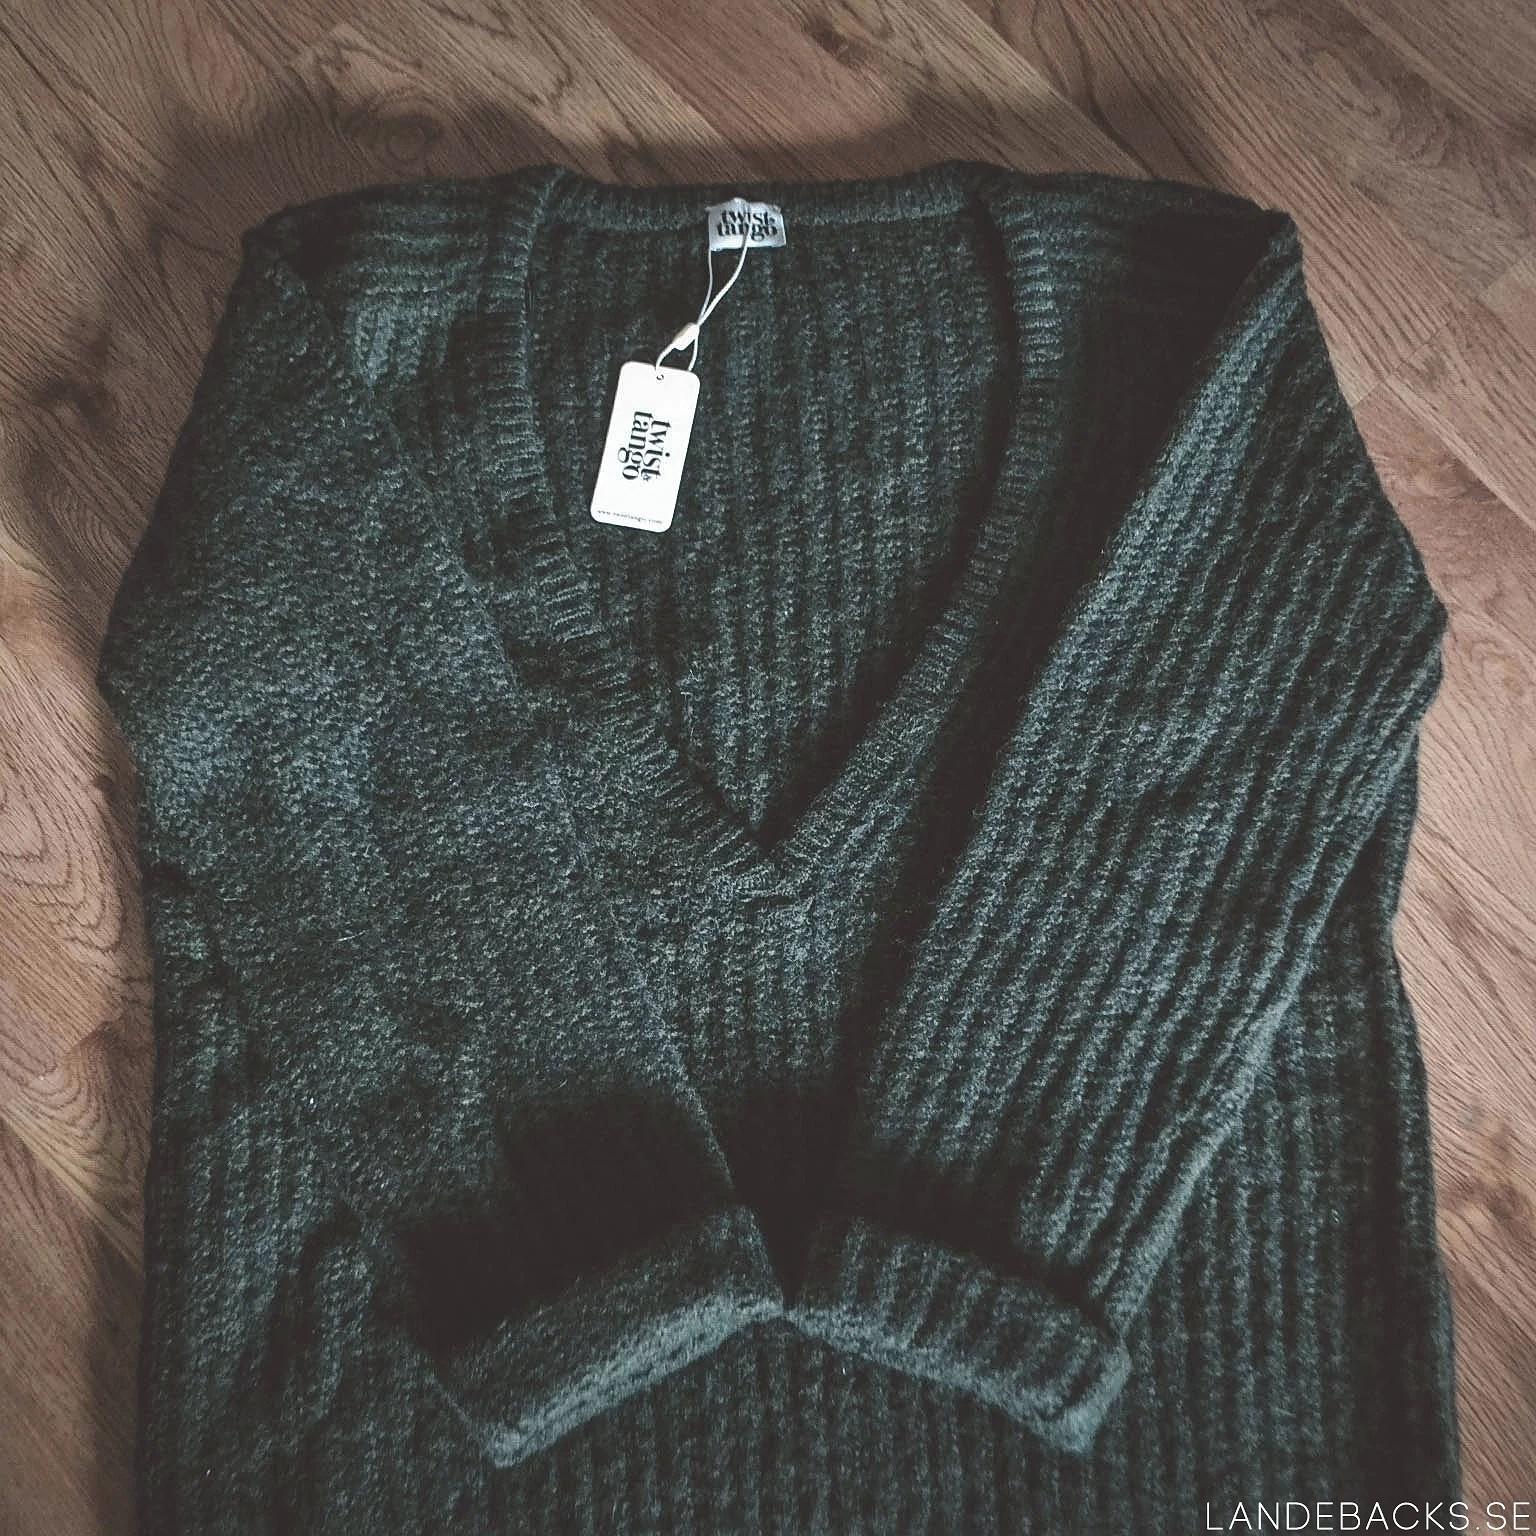 Twist & tango knit